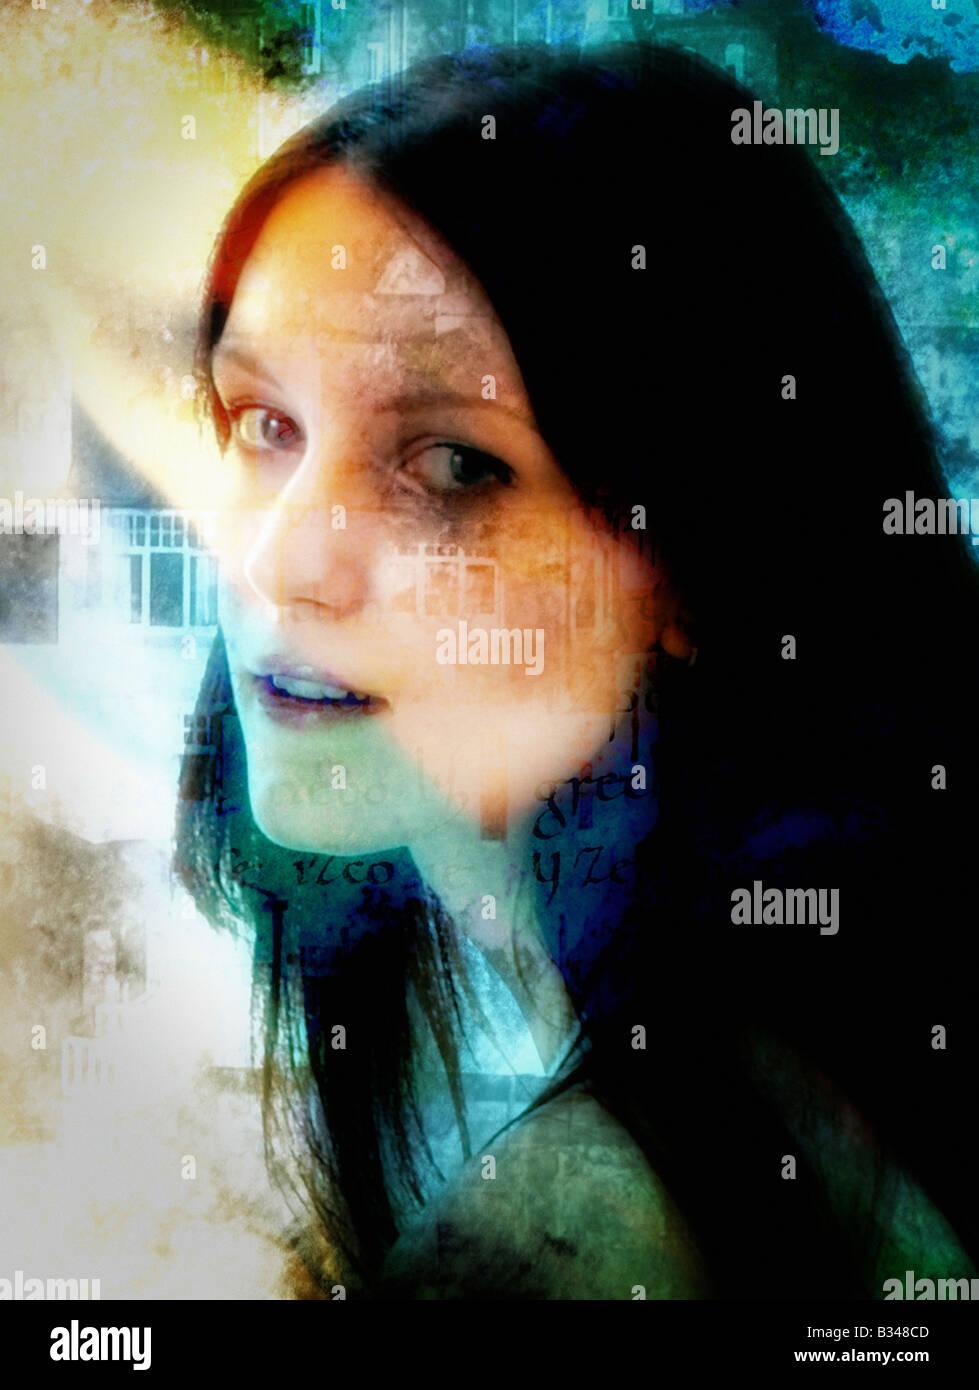 Mujer joven. Imagen De Stock